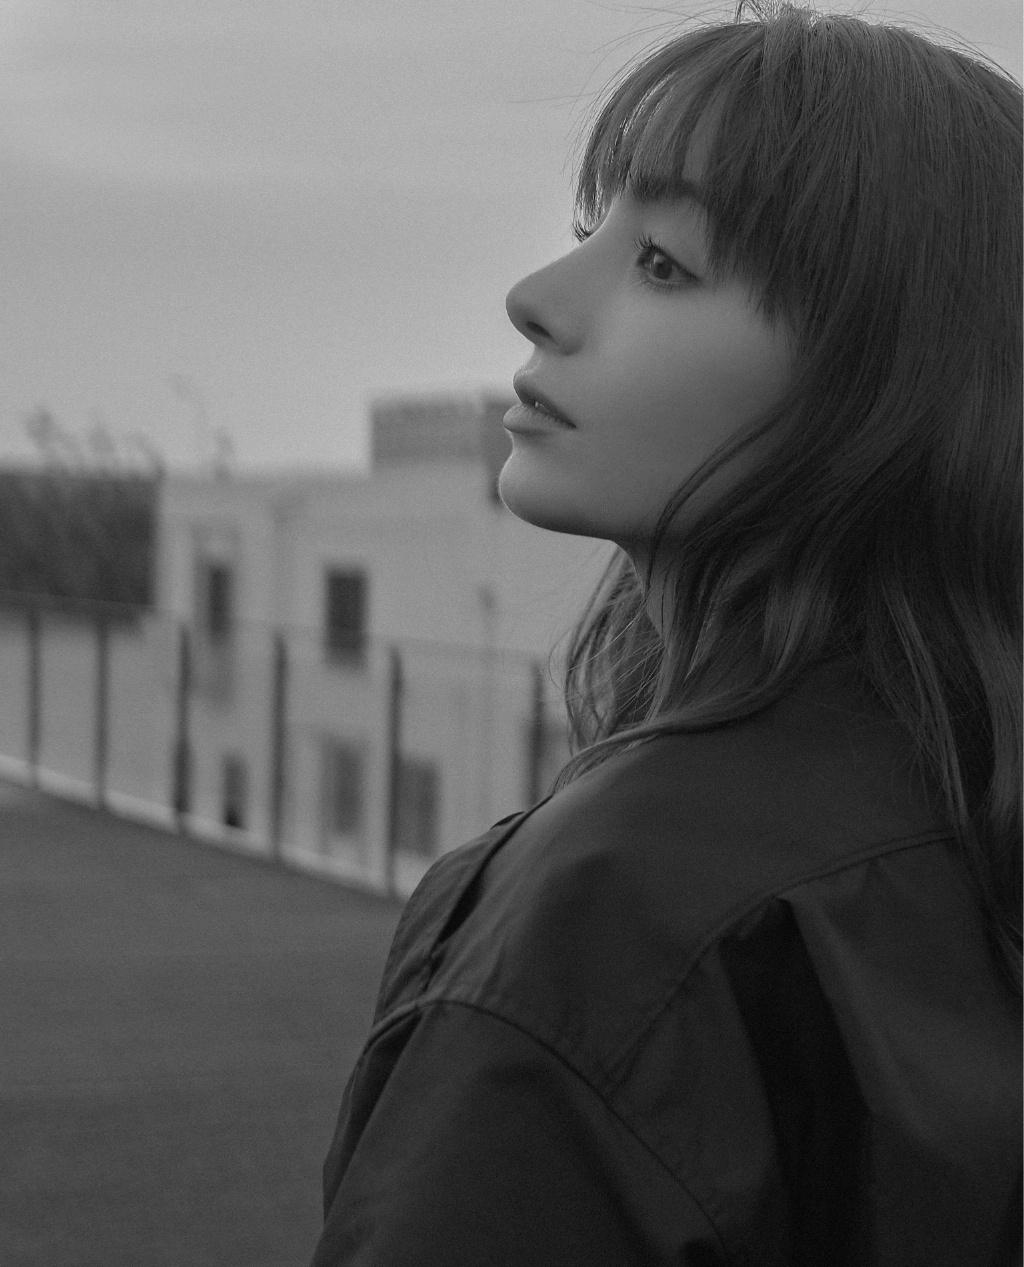 麦迪娜黑色工装图片 麦迪娜甜酷帅气写真